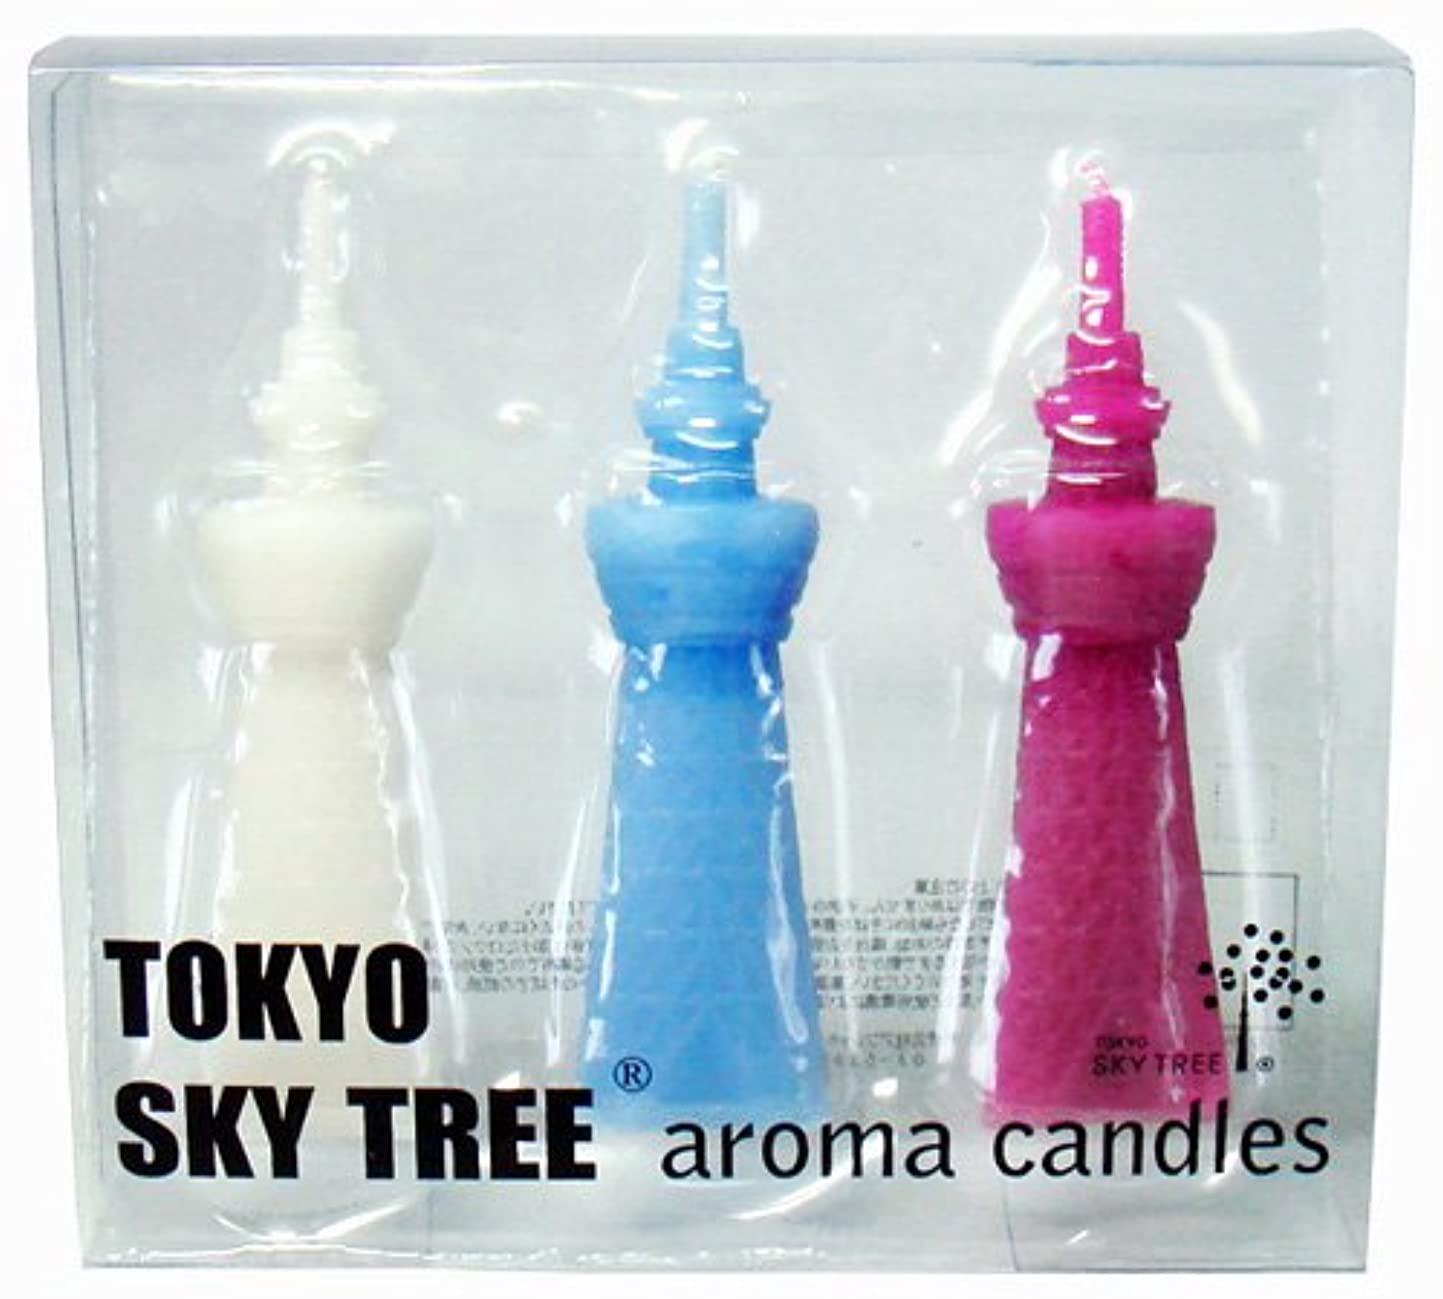 顕現より平らな滅多東京スカイツリー(R) アロマキャンドル3本セット